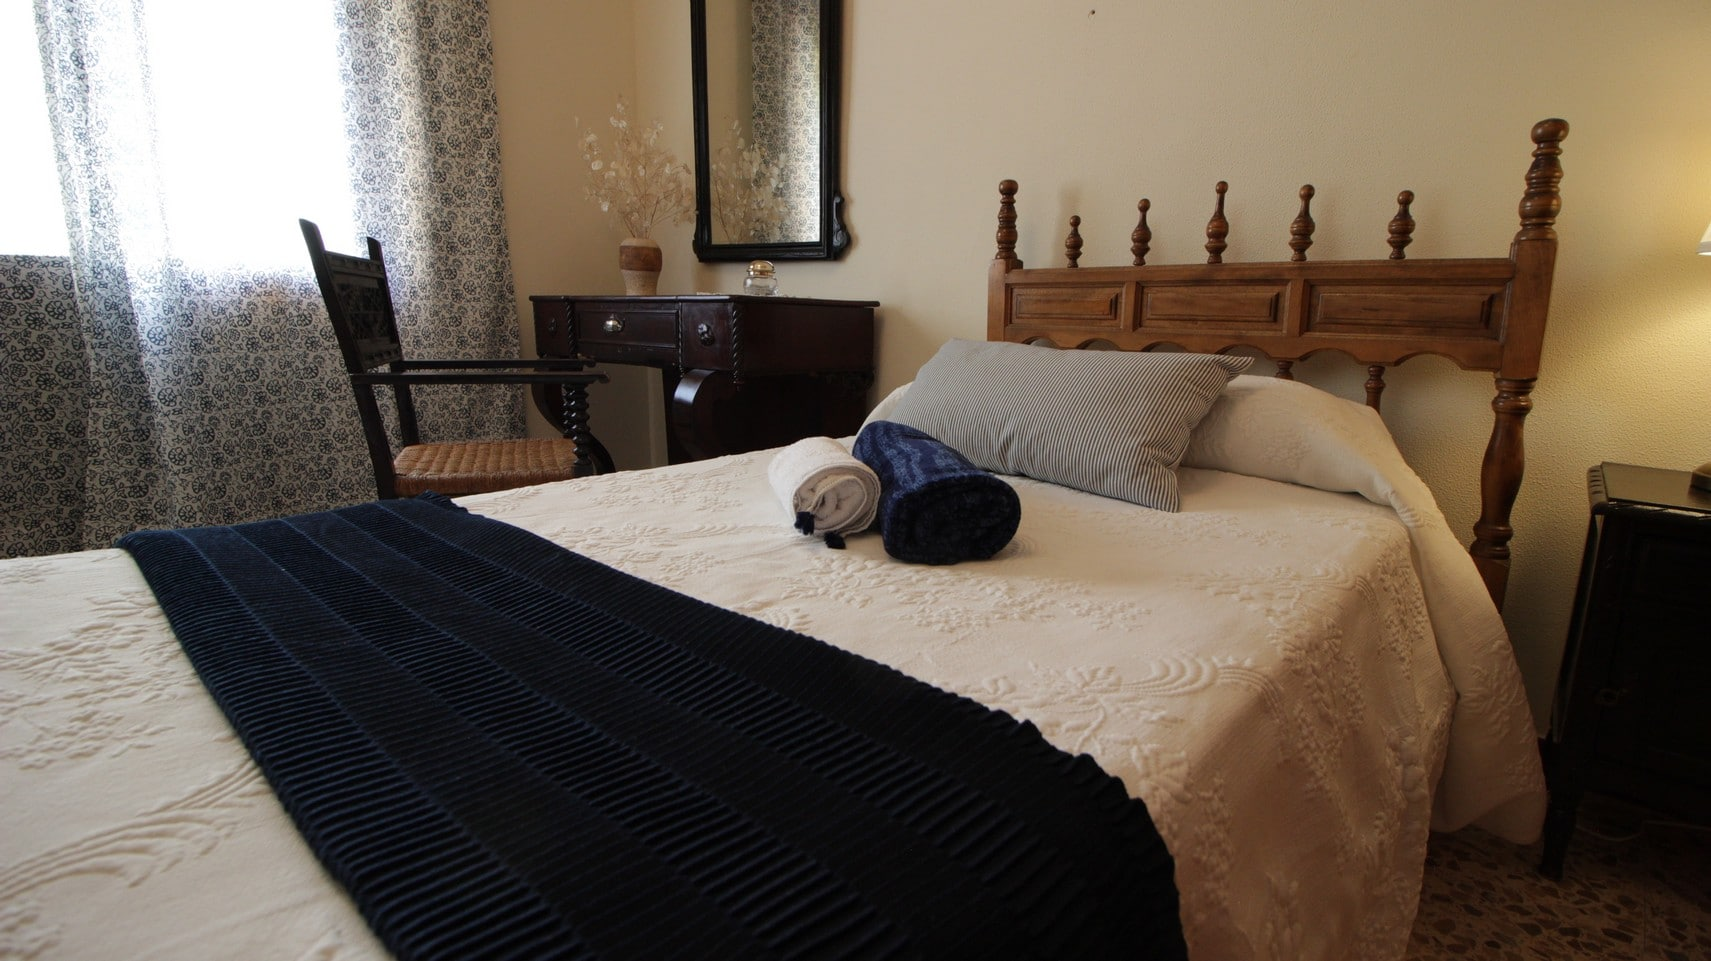 habitación1_las_hazas jarandilla021